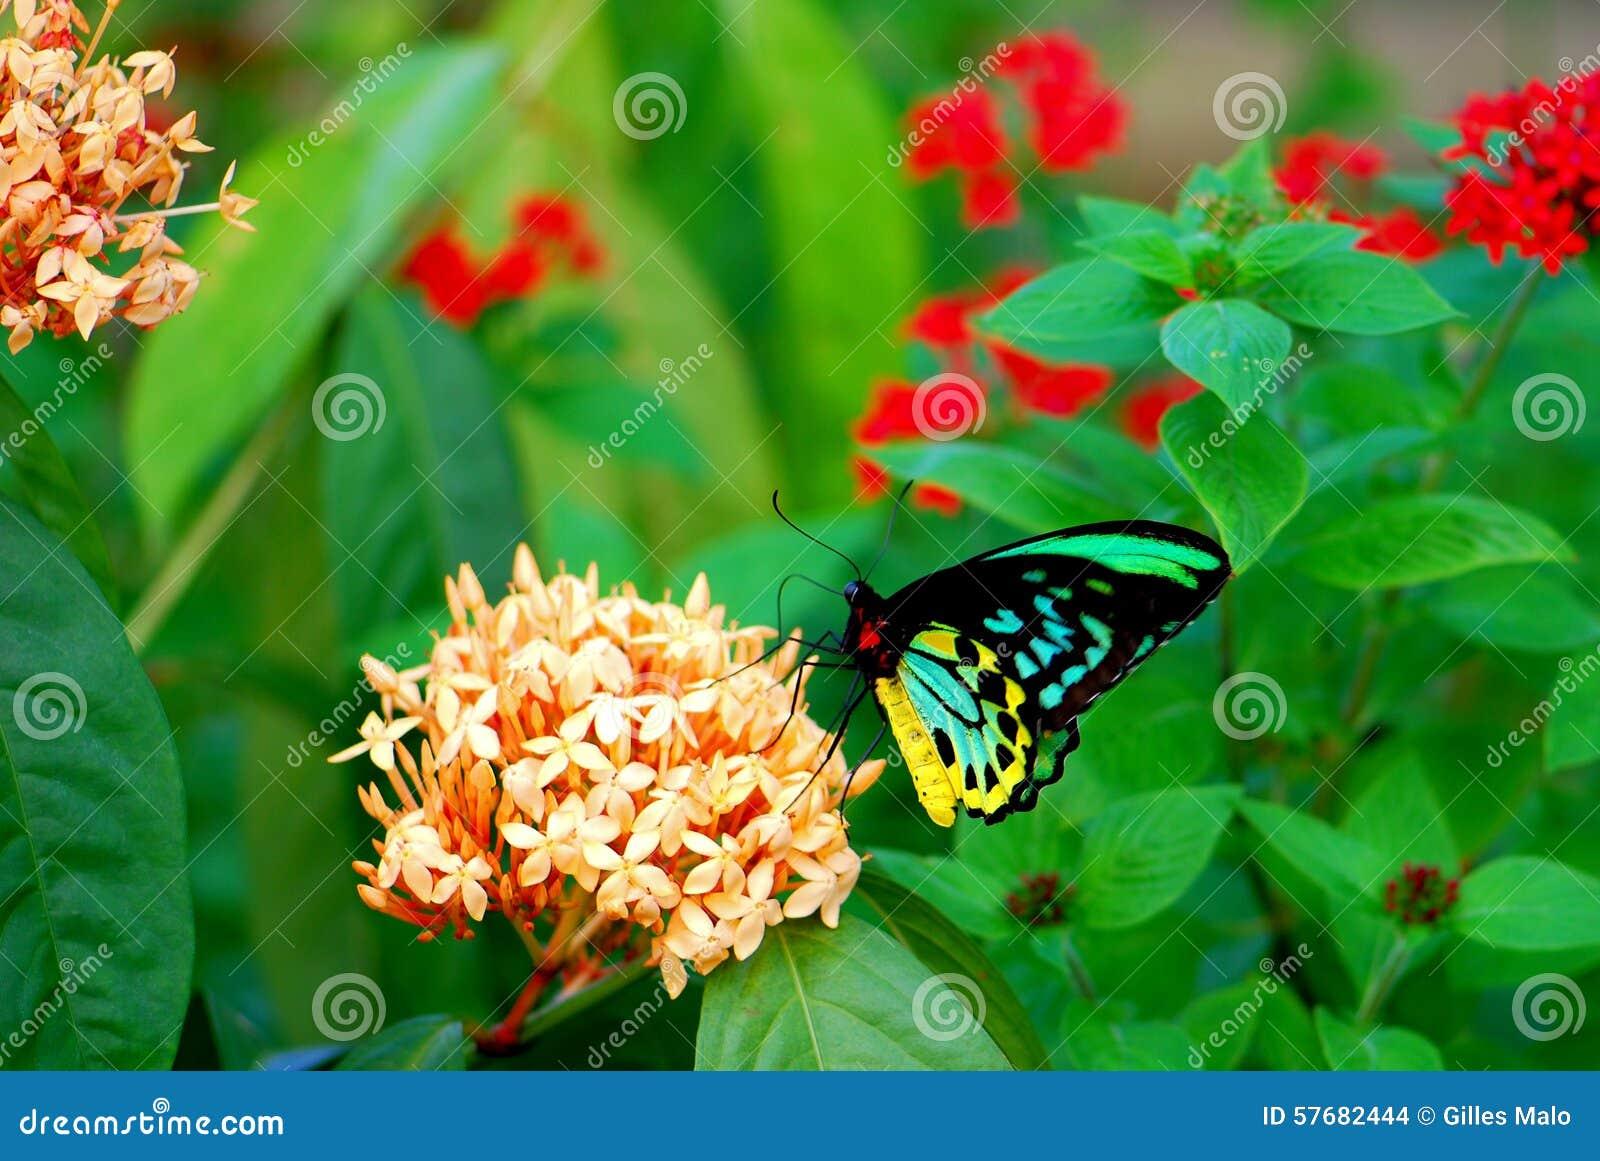 Male Cairns Birdwing Butterfly Feeding In Flowers Stock Photo ...